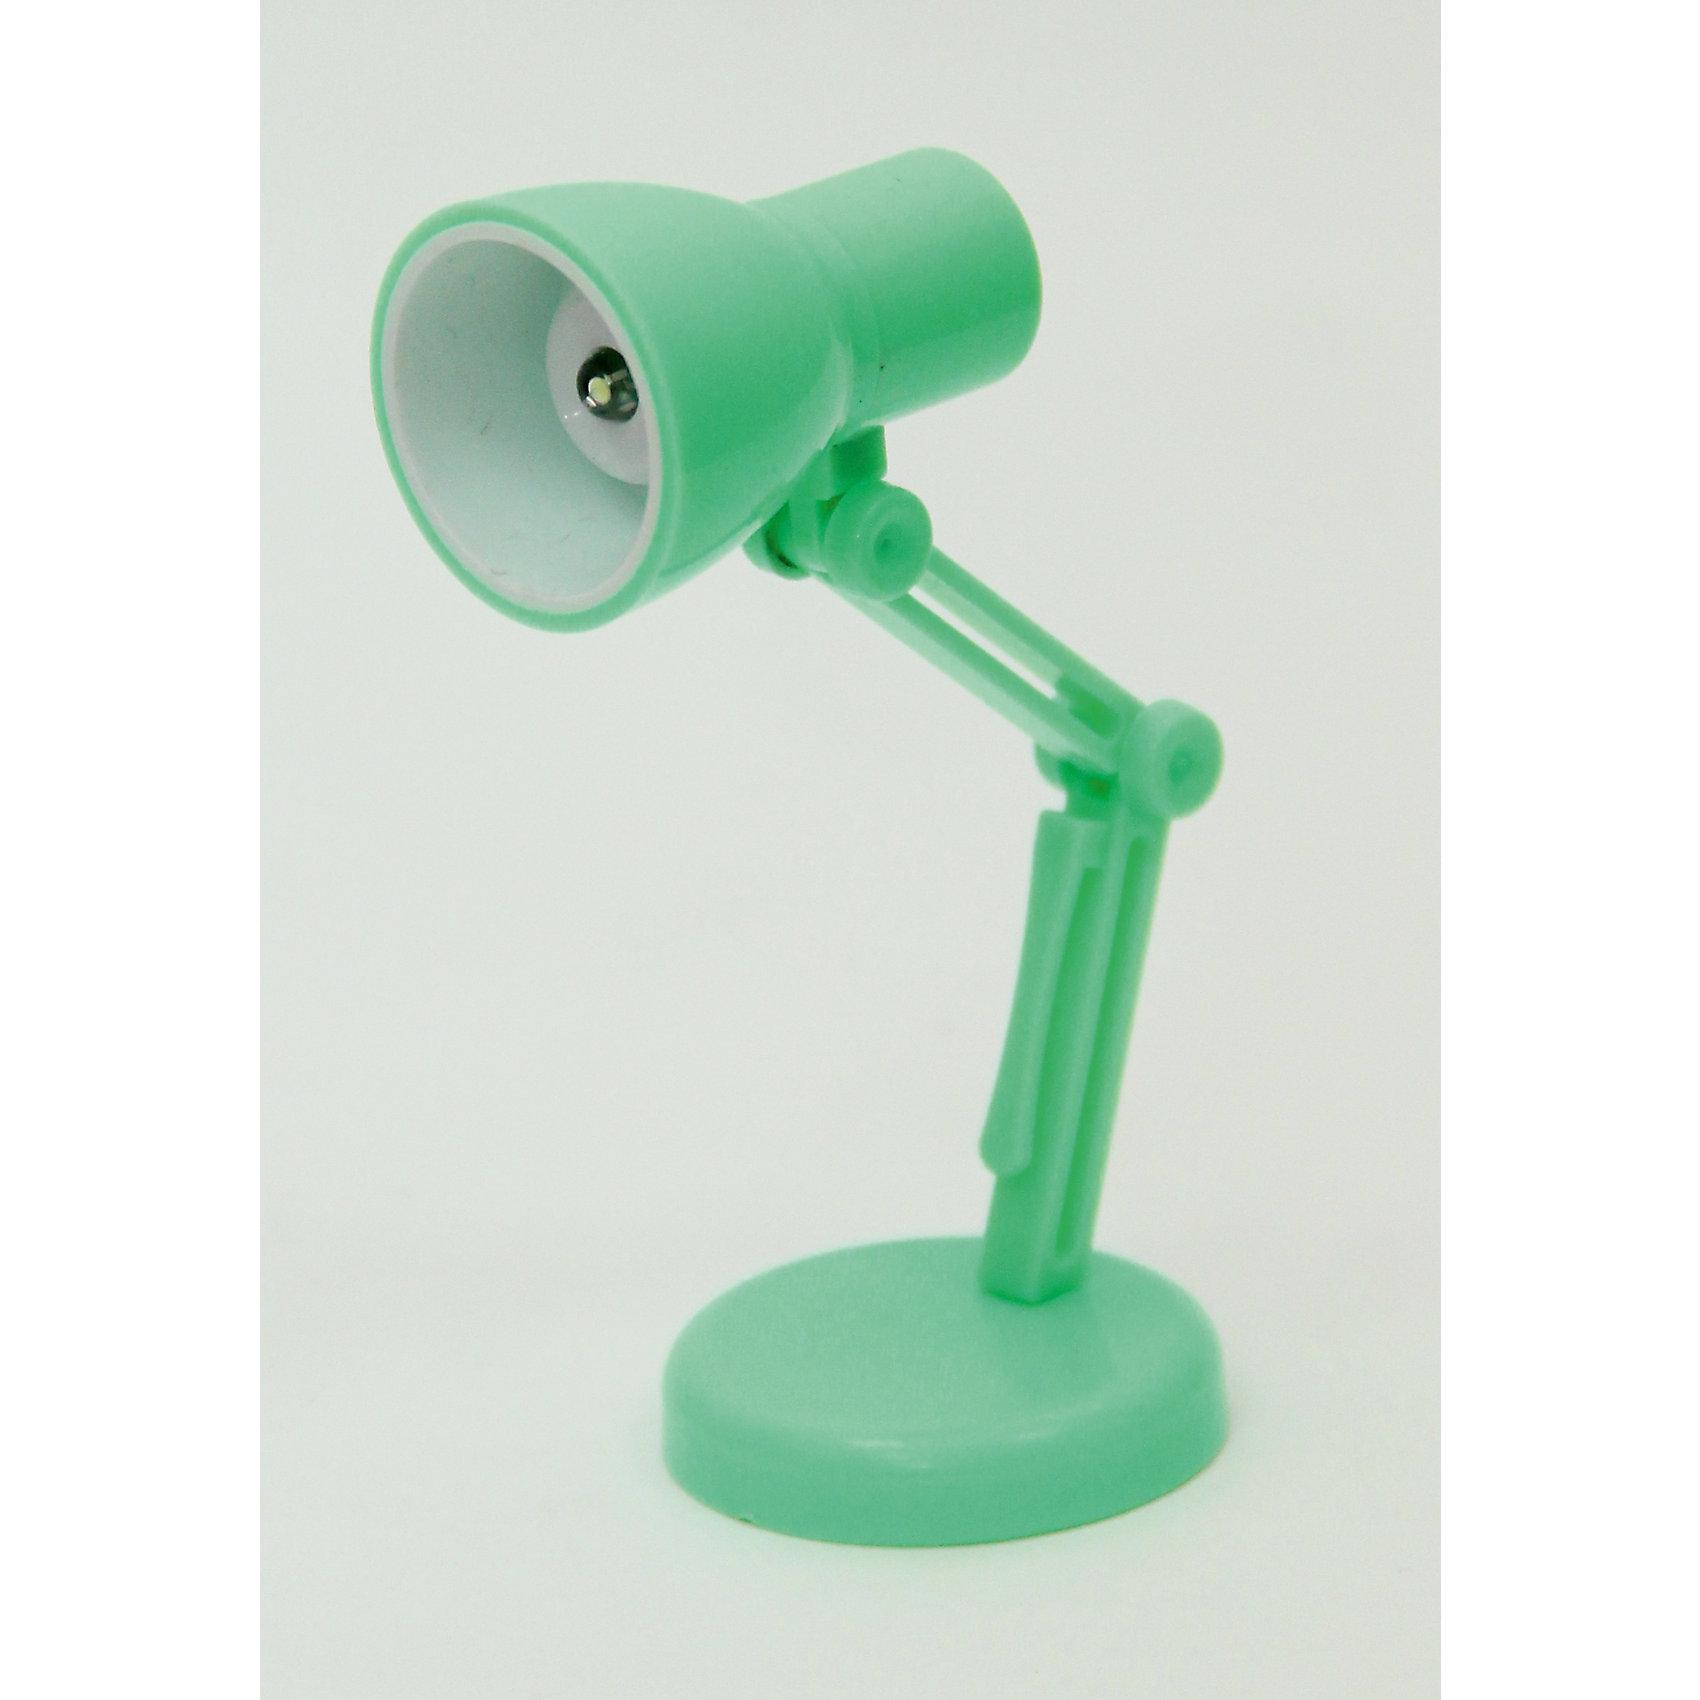 Фонарь портативный Минилампа зеленая электрический со светодиодной лампой, Феникс-ПрезентФонарь портативный Минилампа зеленая электрический со светодиодной лампой, Феникс-Презент<br><br>Характеристики:<br><br>• компактный фонарик со светодиодной лампой<br>• размер: 12х4,6 см<br>• корпус из АБС пластика<br>• светодиодная лампа DIA 5 мм<br>• питание: батарейка AG 10 - 3 шт.<br>• цвет: зеленый<br><br>С портативным фонариком Минилампа зеленая вы сможете найти потерянные предметы или даже почитать в темноте. Компактный размер позволяет брать фонарик с собой. При этом светодиодные лампы обладают достаточной мощностью для полноценного освещения. Корпус изделия изготовлен из ударопрочного пластика. Фонарик выполнен в виде лампы.<br><br>Фонарь портативный Минилампа зеленая электрический со светодиодной лампой, Феникс-Презент можно купить в нашем интернет-магазине.<br><br>Ширина мм: 50<br>Глубина мм: 60<br>Высота мм: 120<br>Вес г: 56<br>Возраст от месяцев: 36<br>Возраст до месяцев: 2147483647<br>Пол: Унисекс<br>Возраст: Детский<br>SKU: 5449684